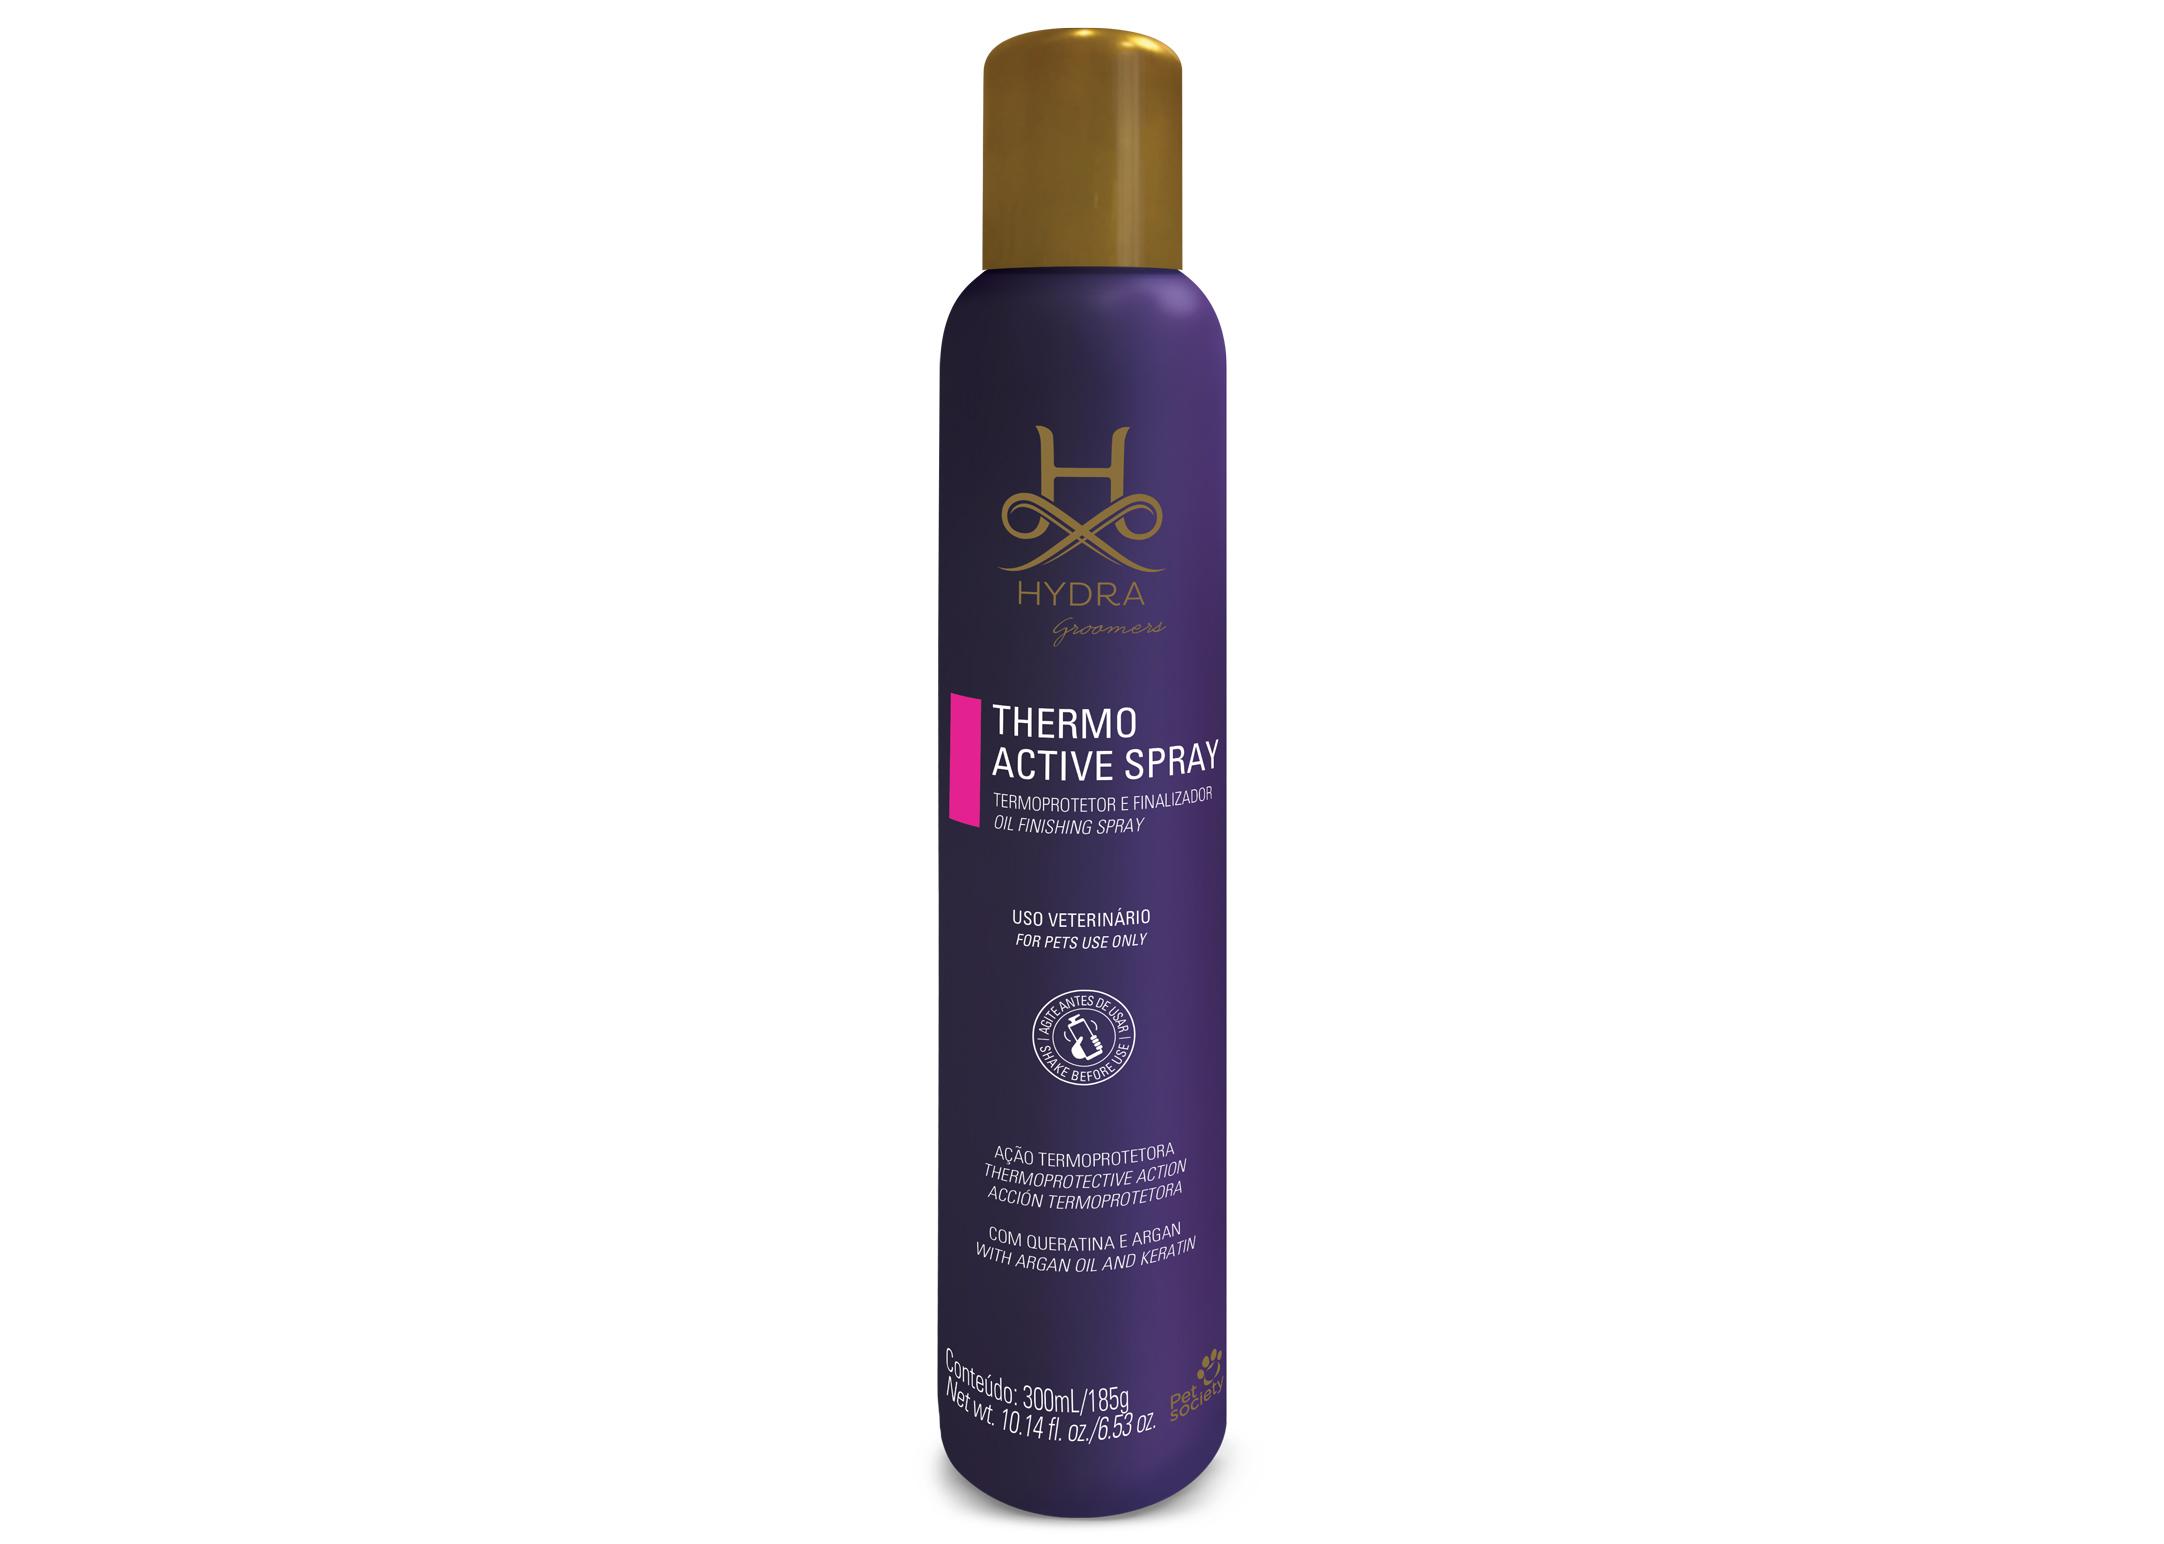 Hydra Thermo Active Spray 300 ml - Finishing spray